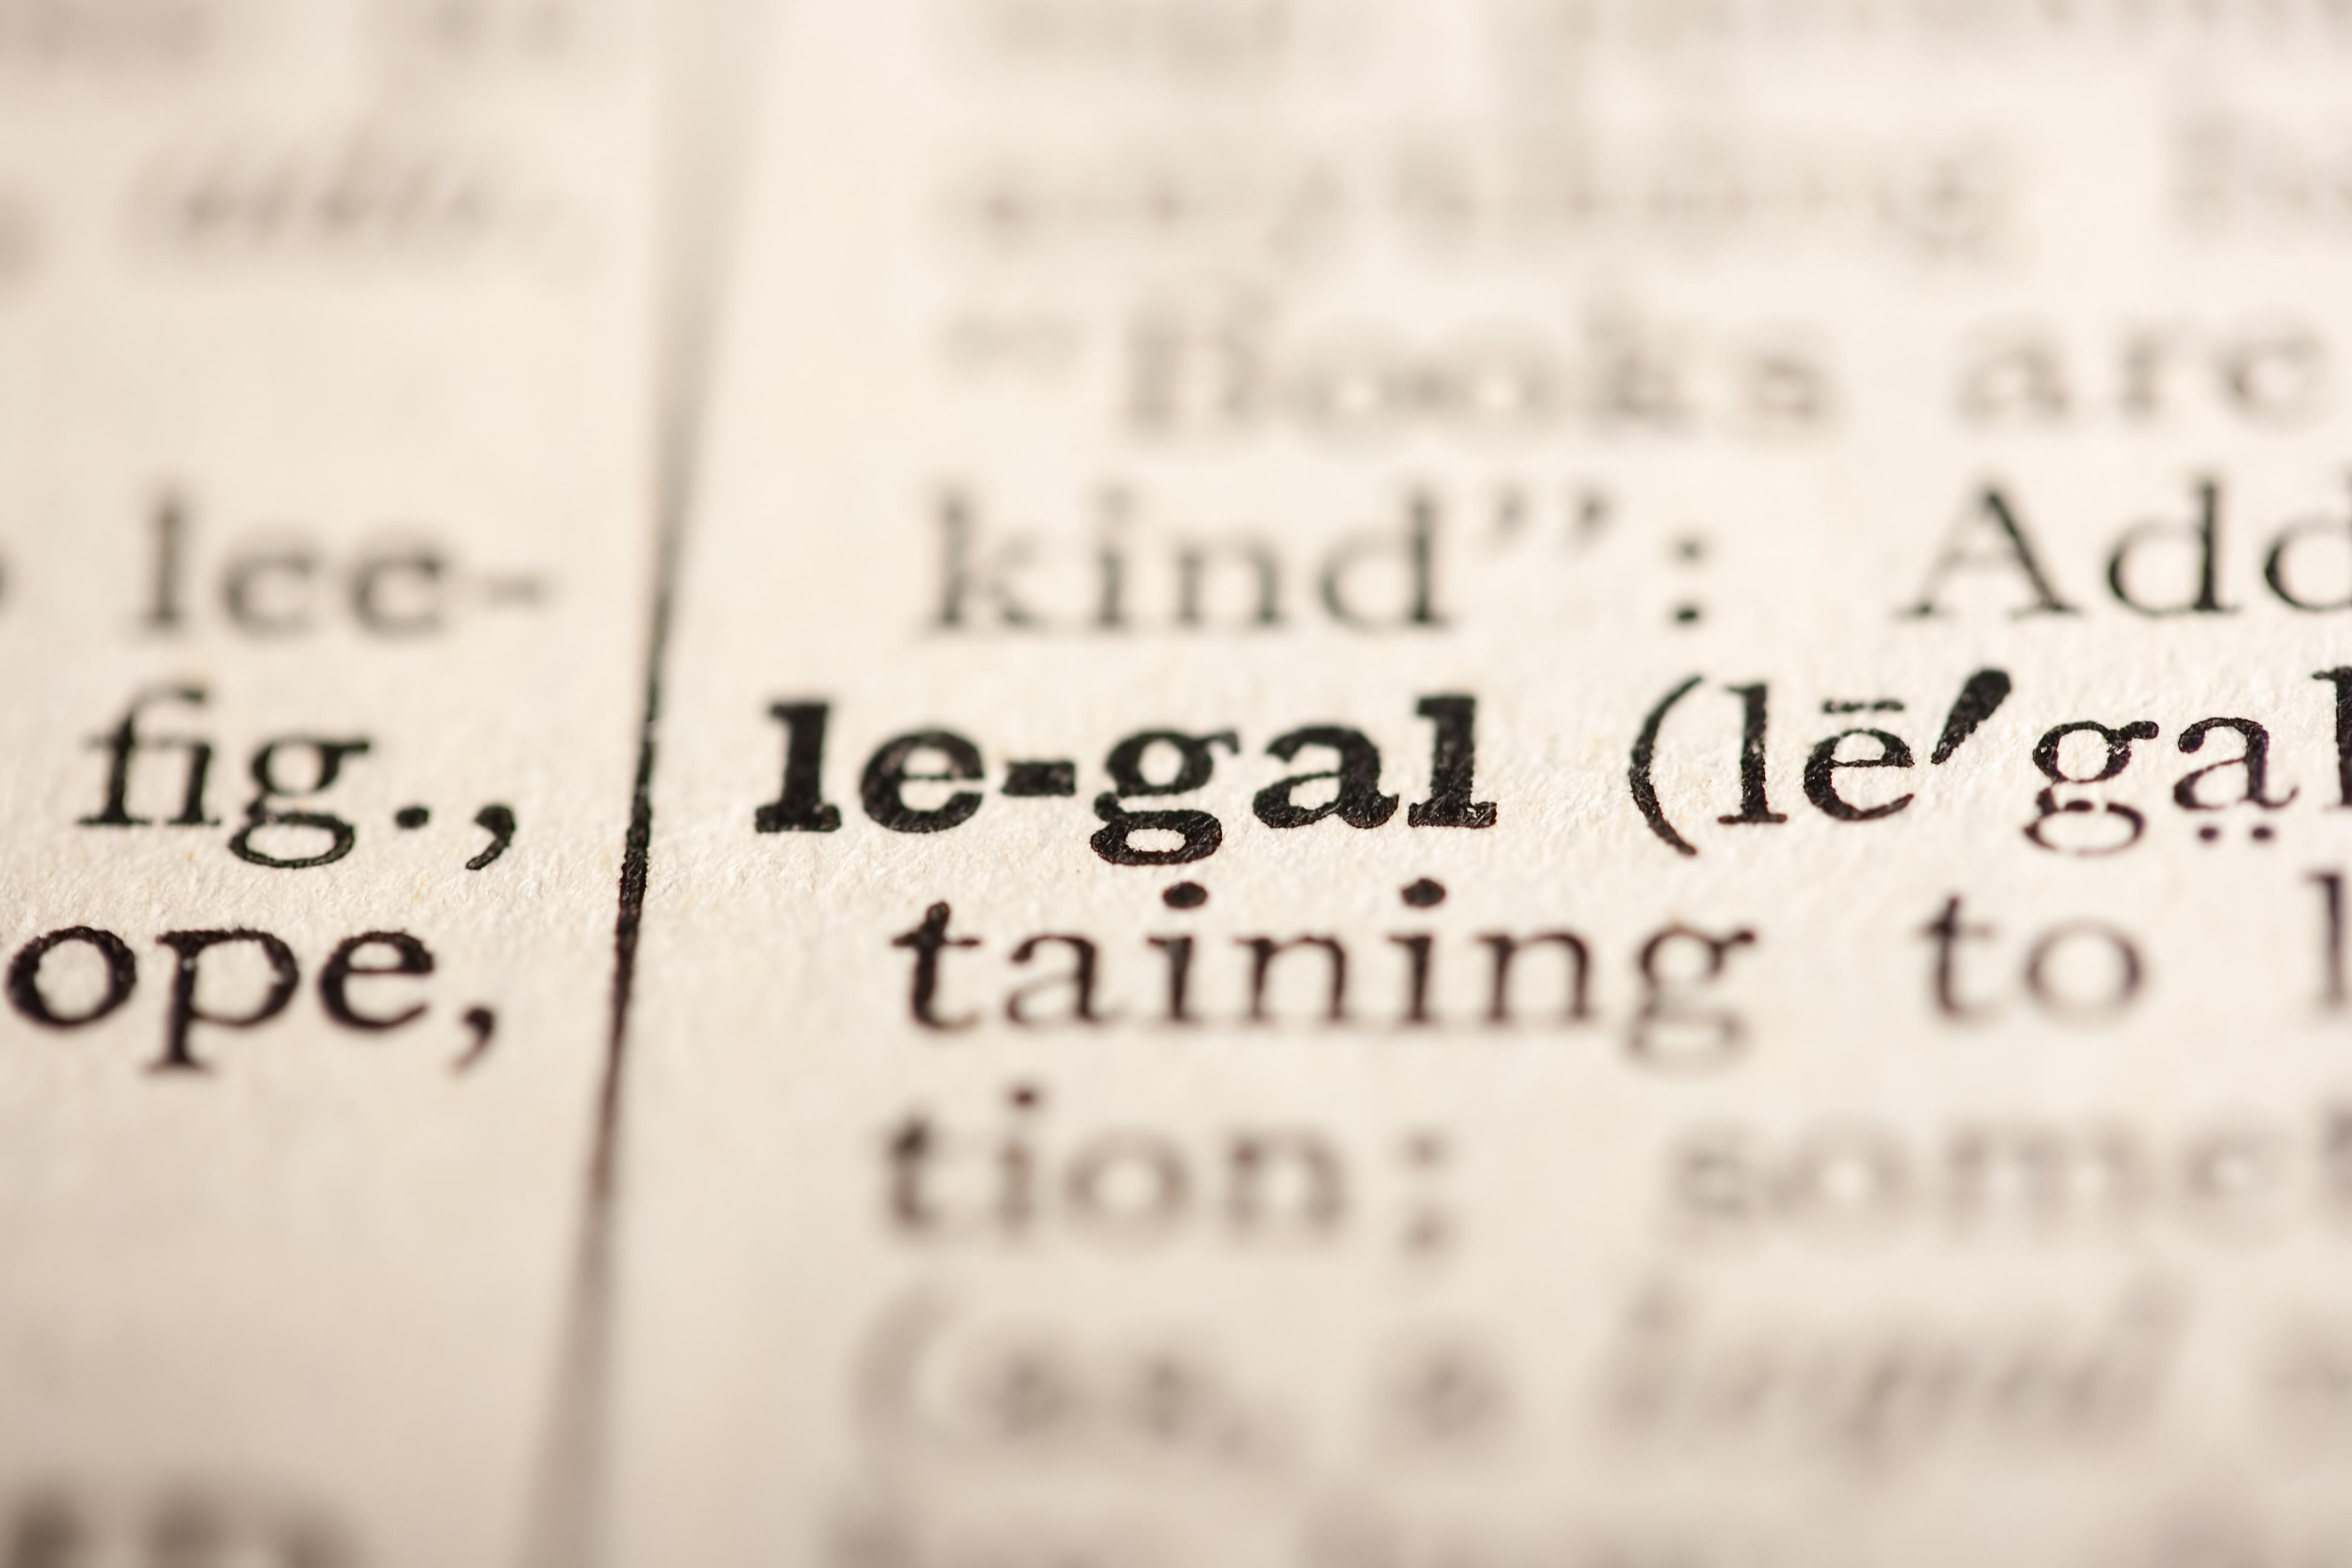 Inglese giuridico: vocabolario di base che ogni avvocato dovrebbe conoscere - Wall Street English